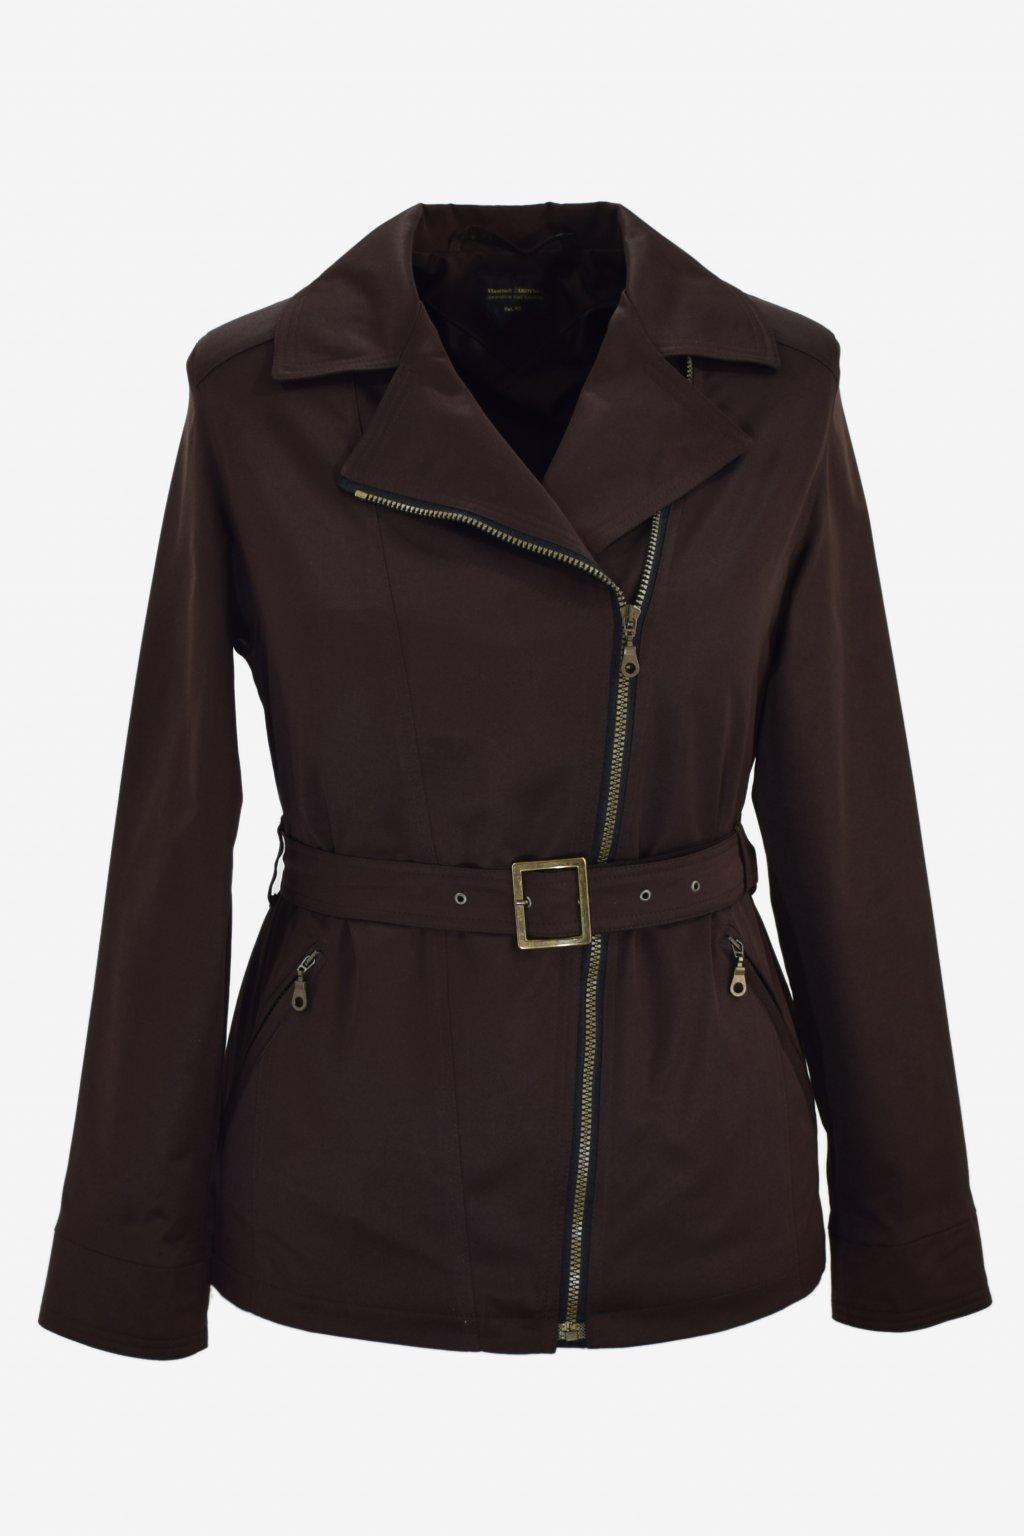 Dámský hnědý jarní kabátek Zora nadměrné velikosti